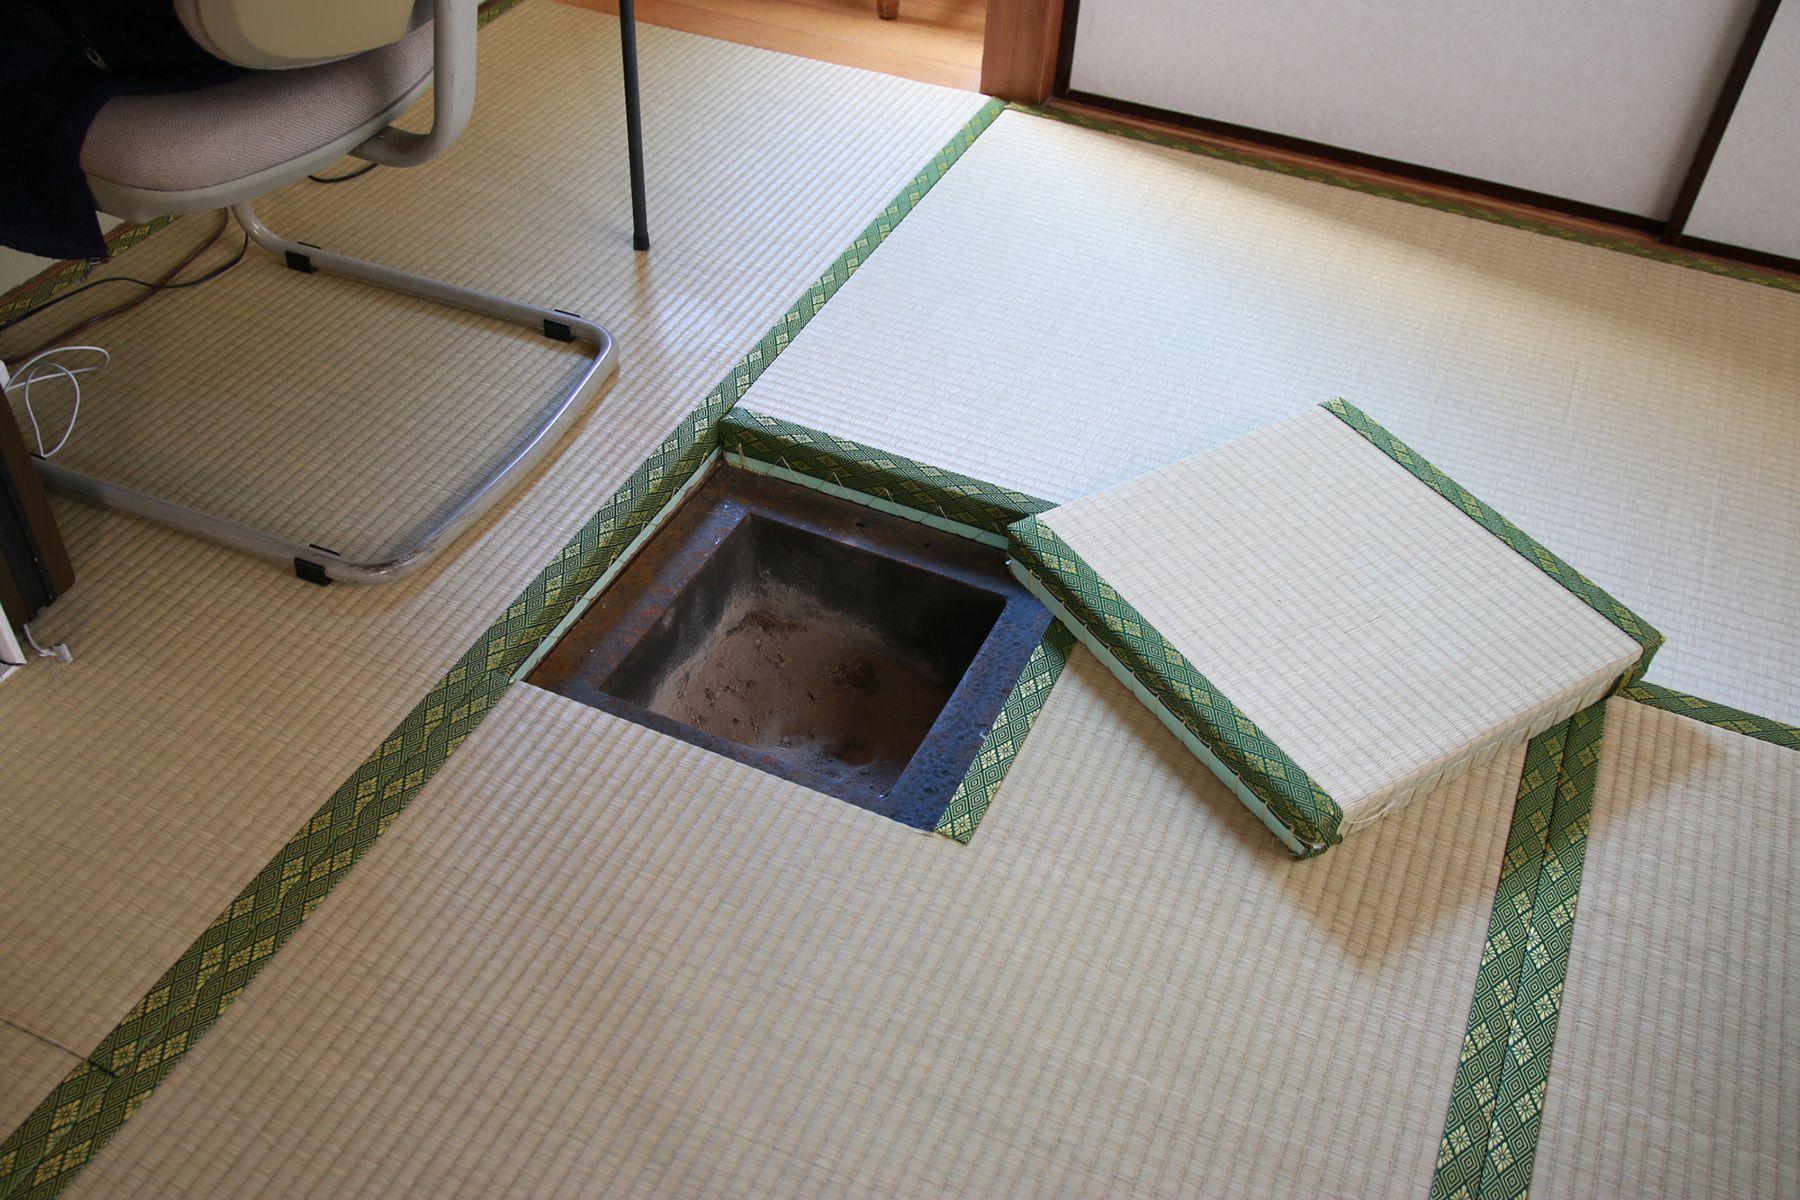 kifkif(キフキフ)/個人宅1F 和室 炉もあります